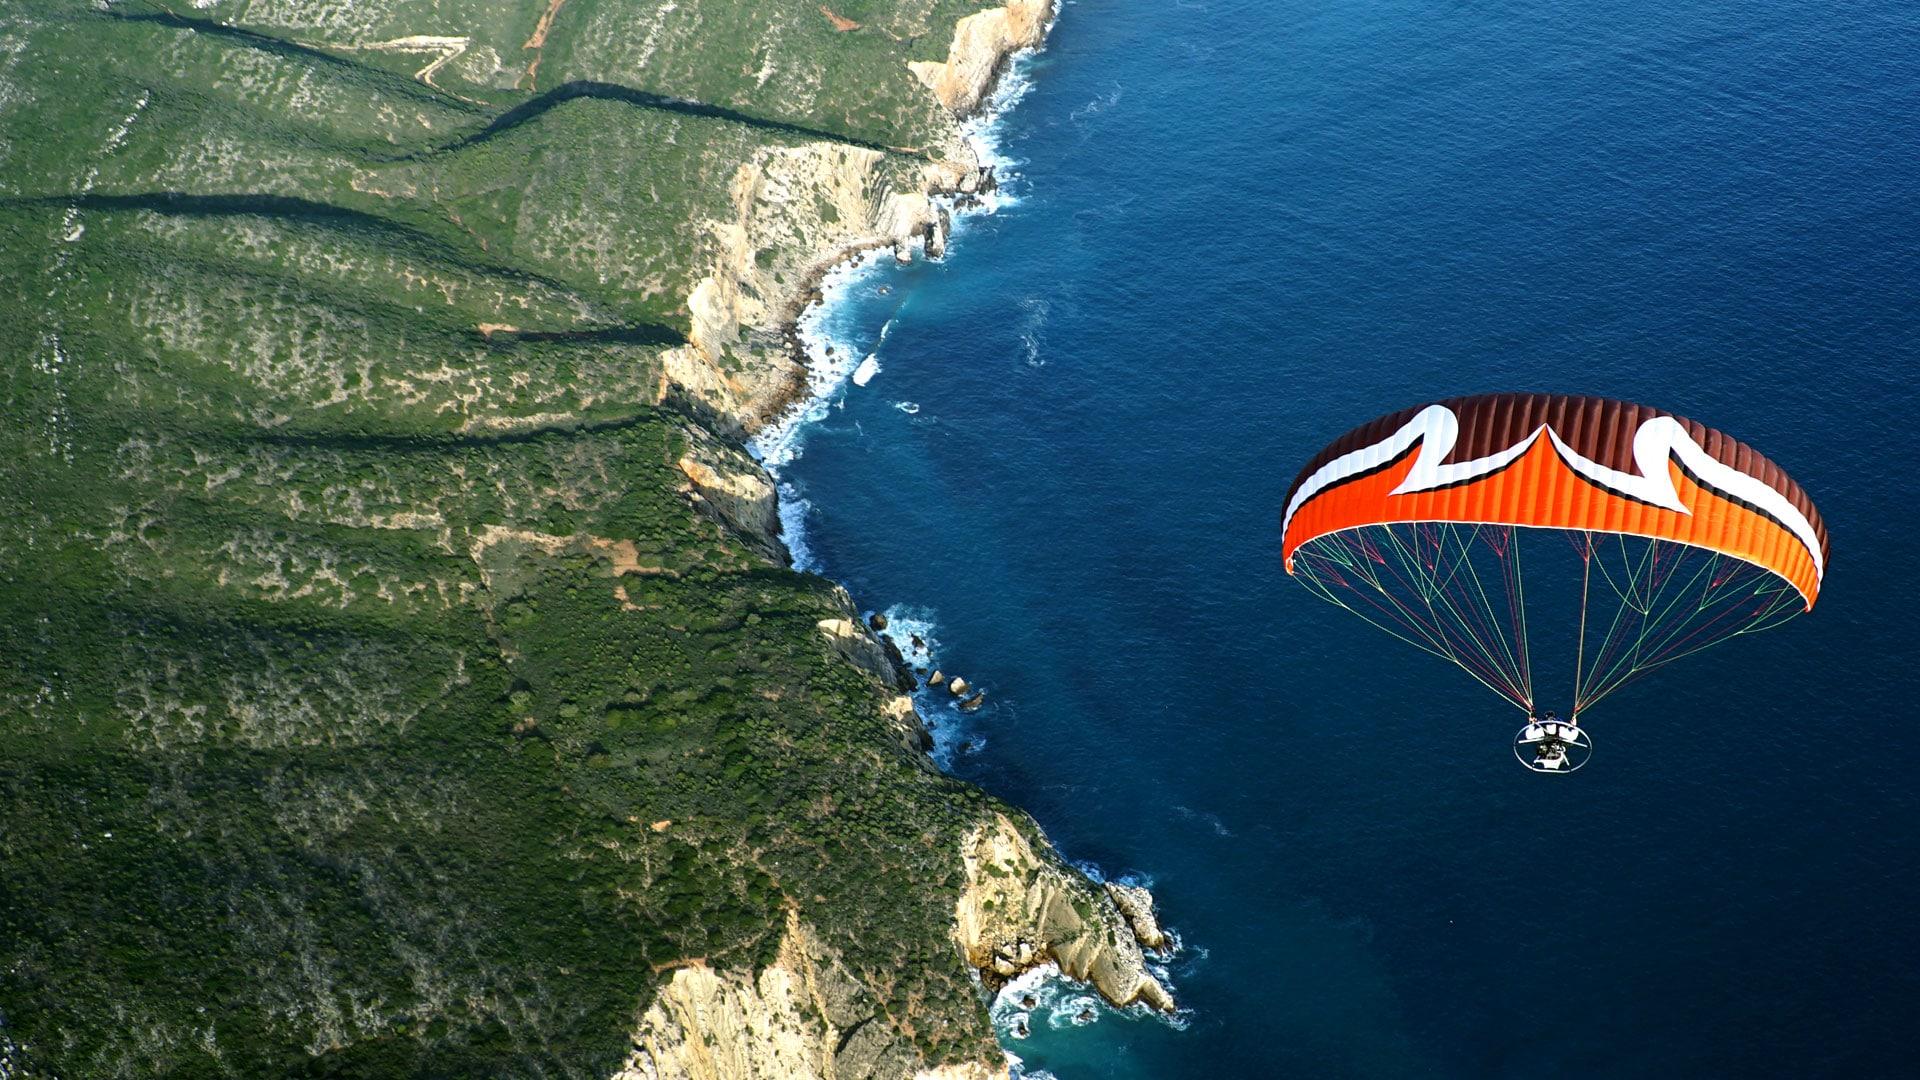 mer au sud du portugal fond d'écran en paramoteur ulm